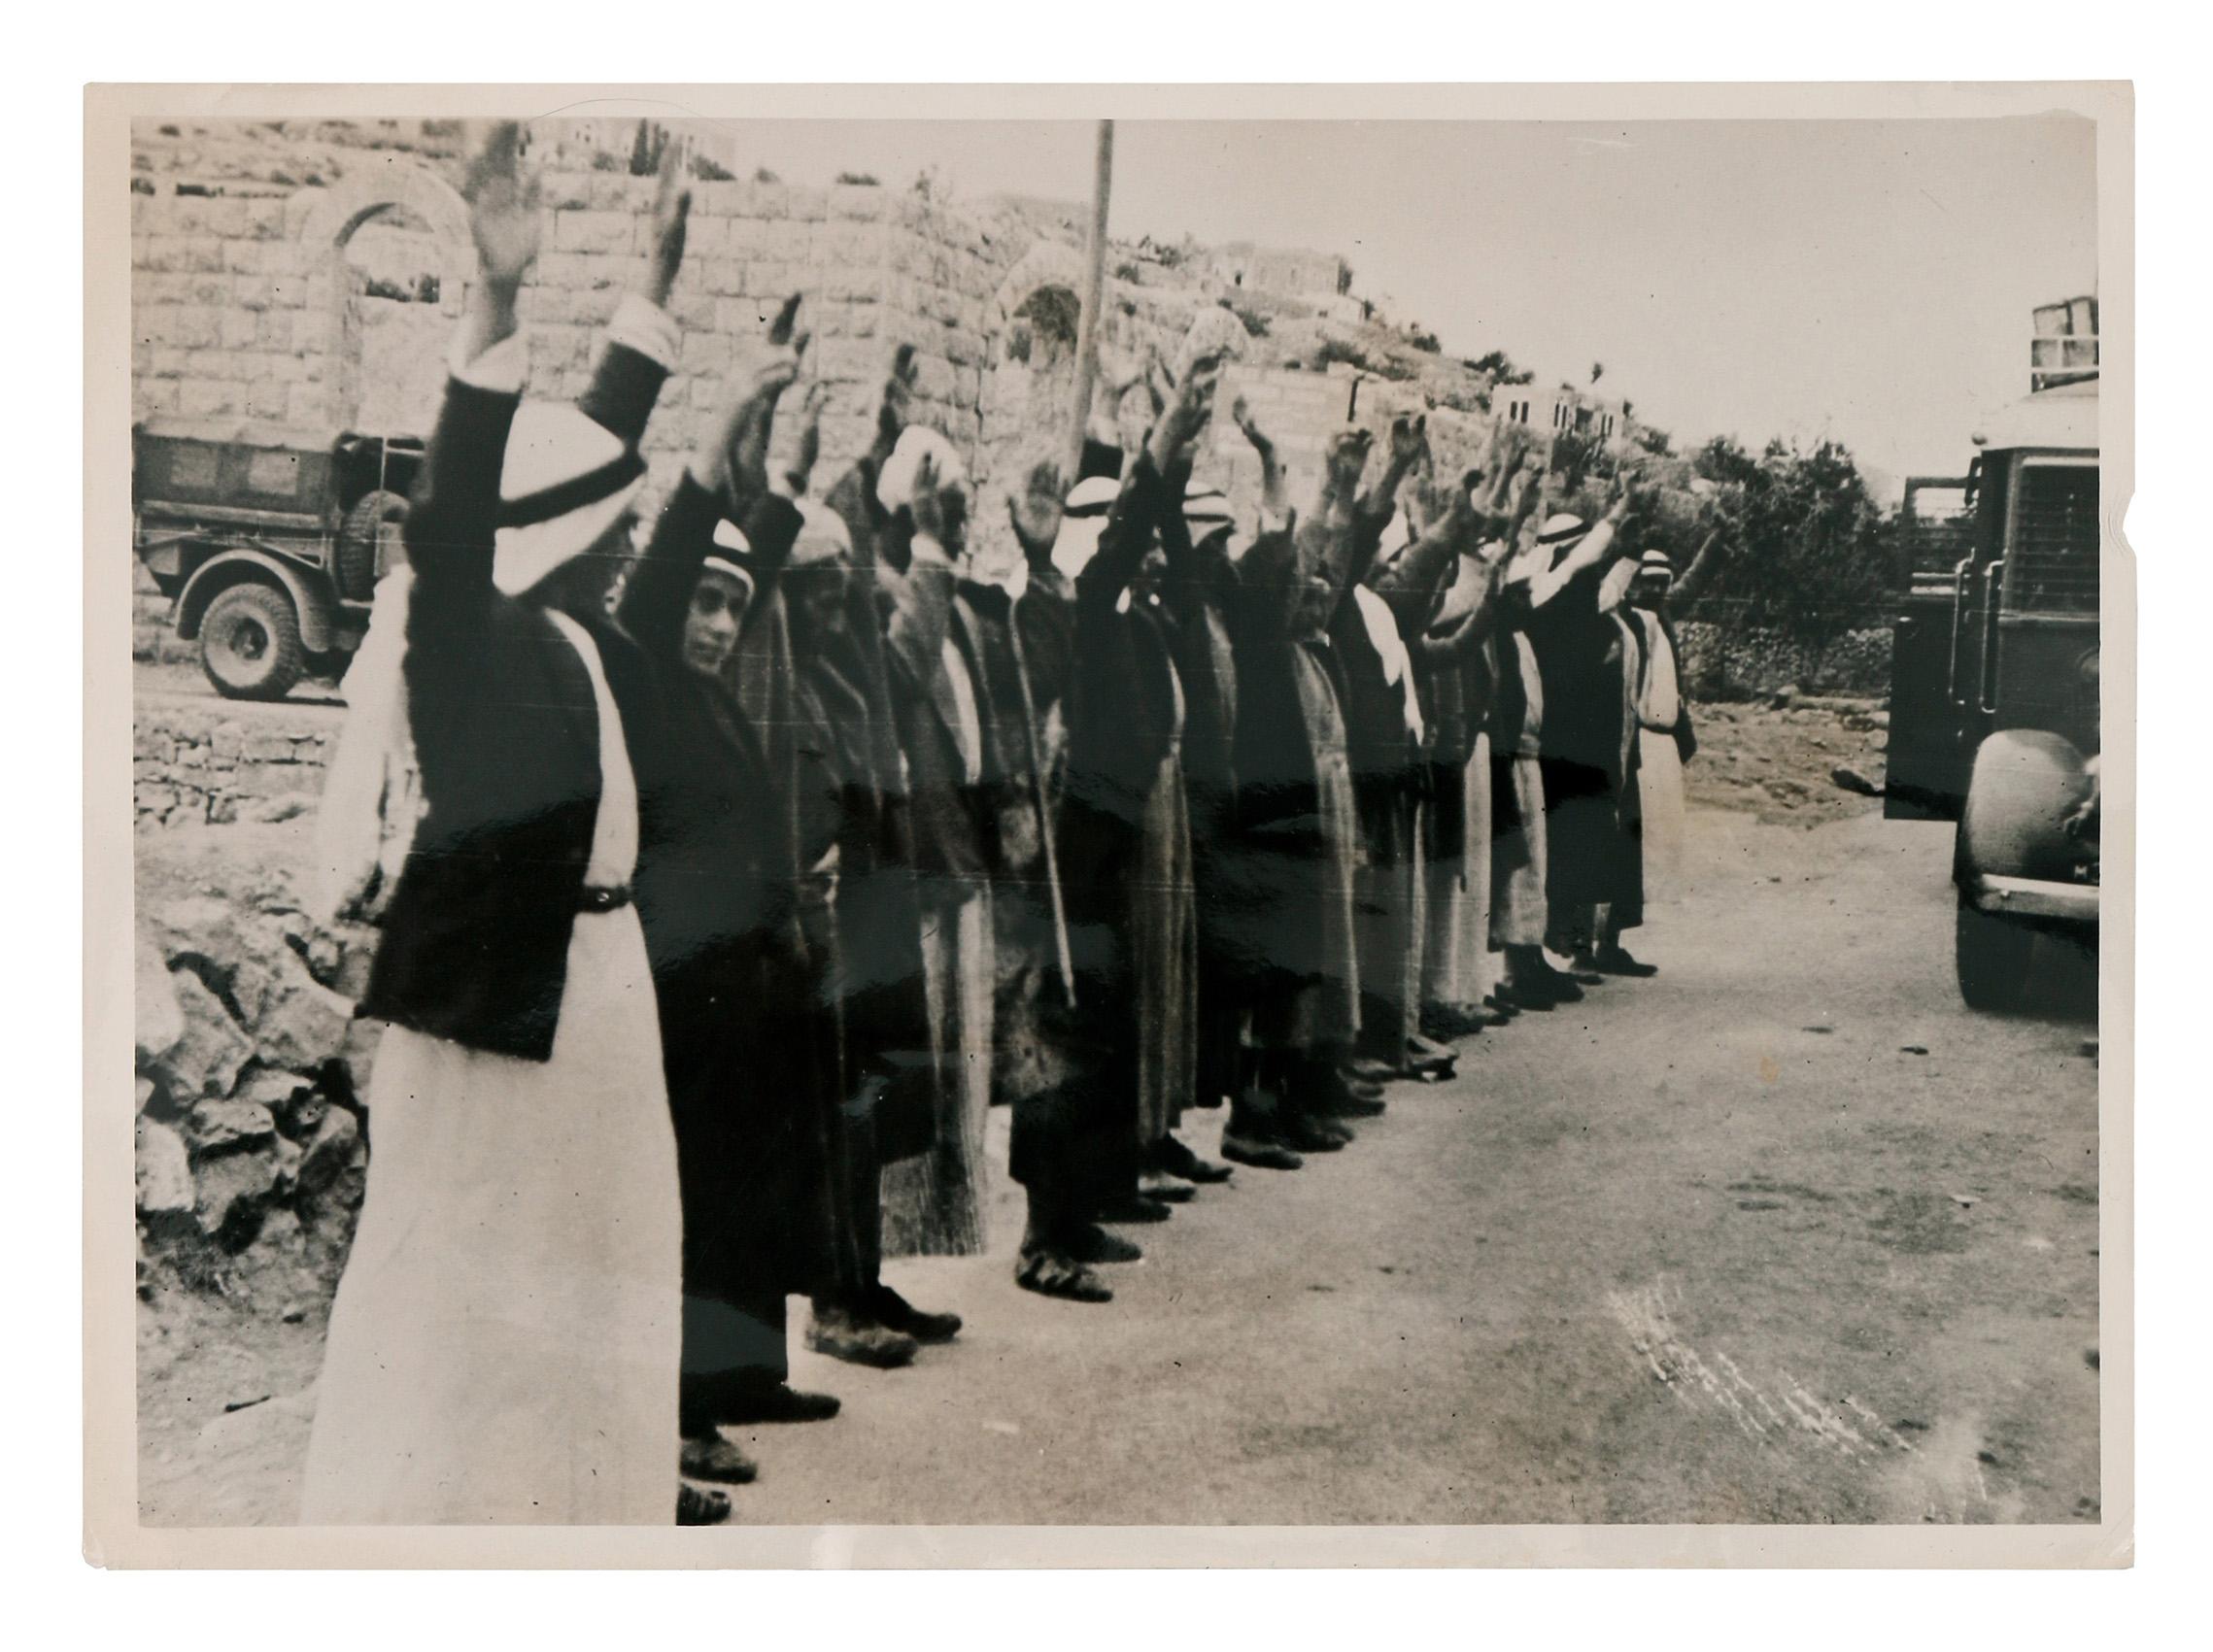 Arabes capturés par les Anglais lors de la révolte palestinienne